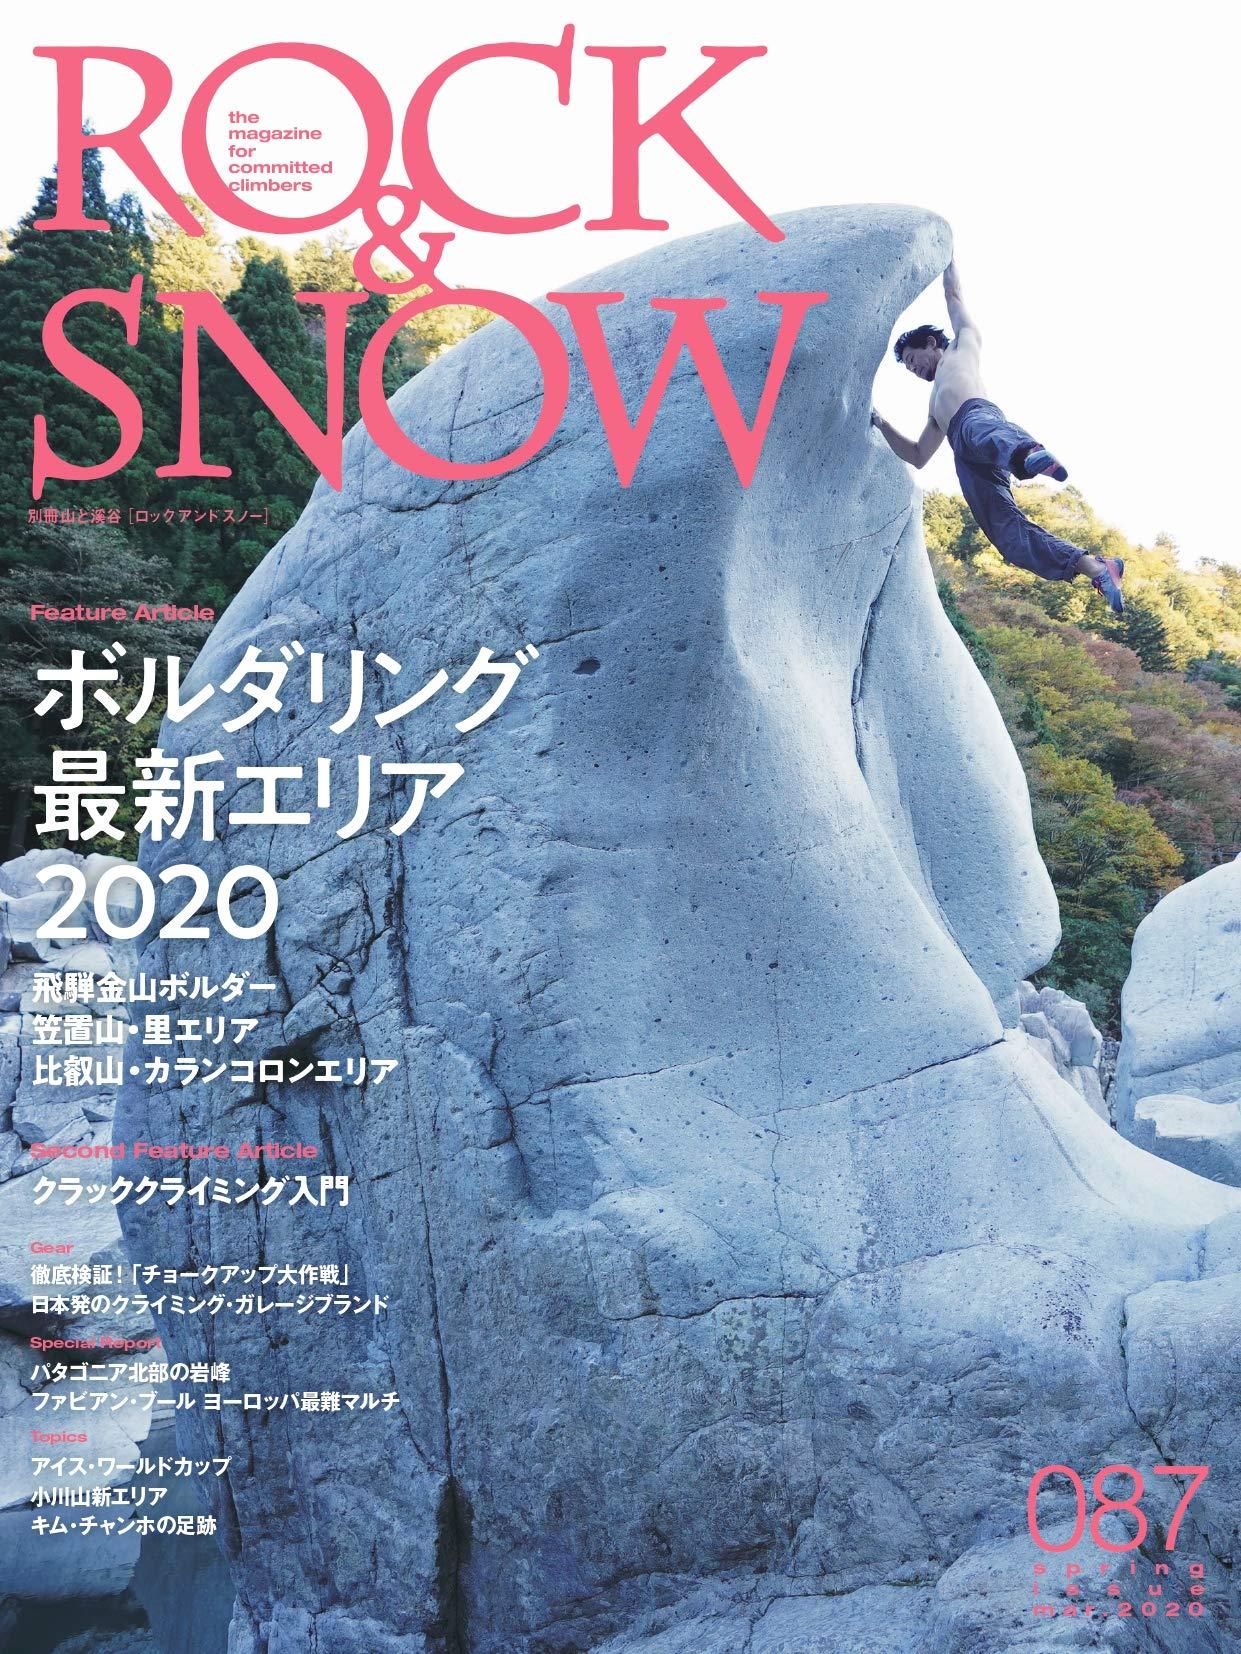 飛騨金山 牙岩ボルダーの記事に載りました